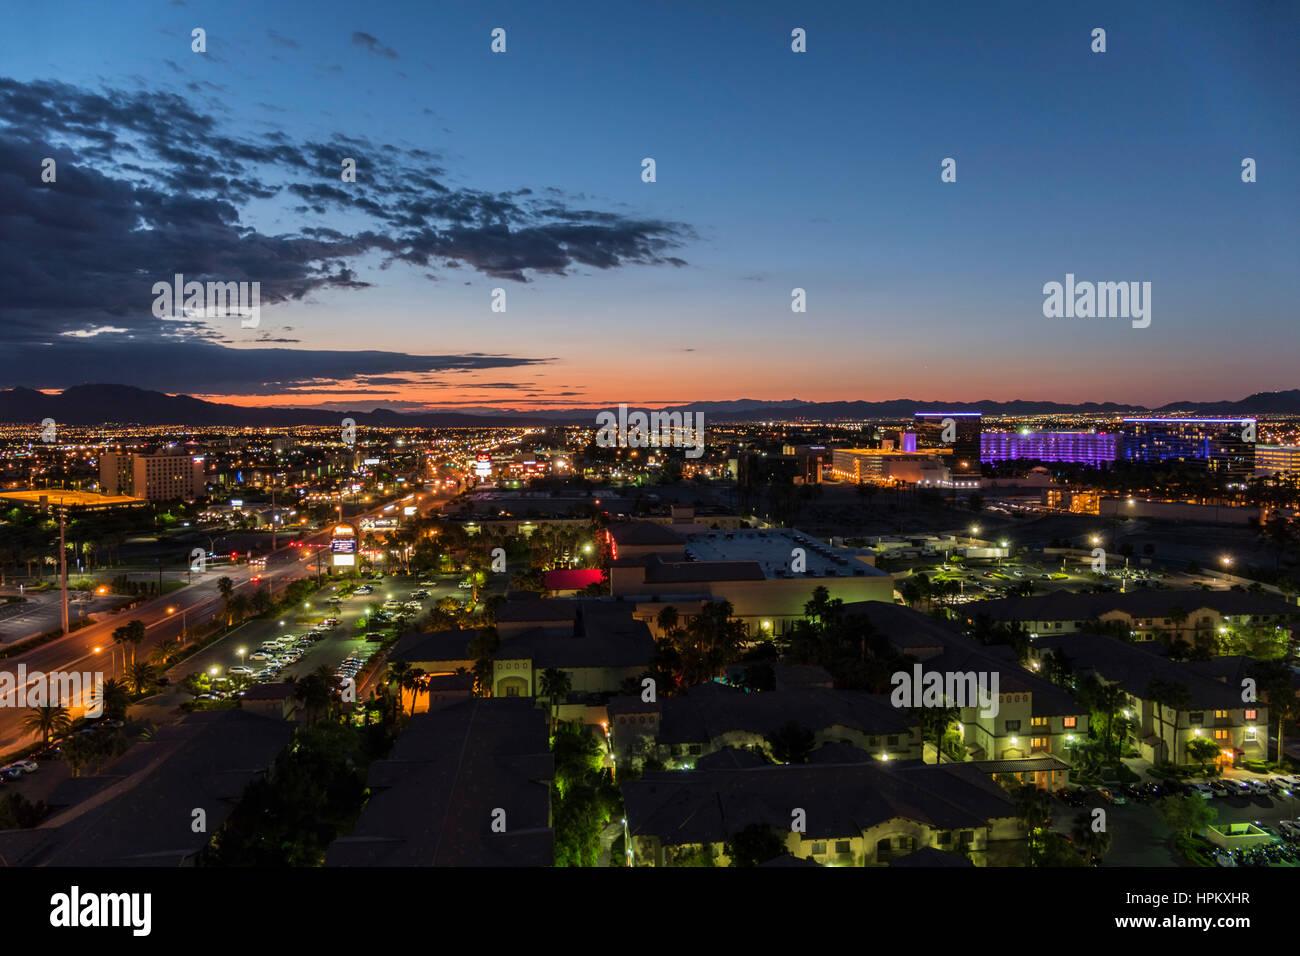 Las Vegas, Nevada, USA - May 10, 2016:  Predawn glow on Flamingo Road east of the Las Vegas strip. Stock Photo